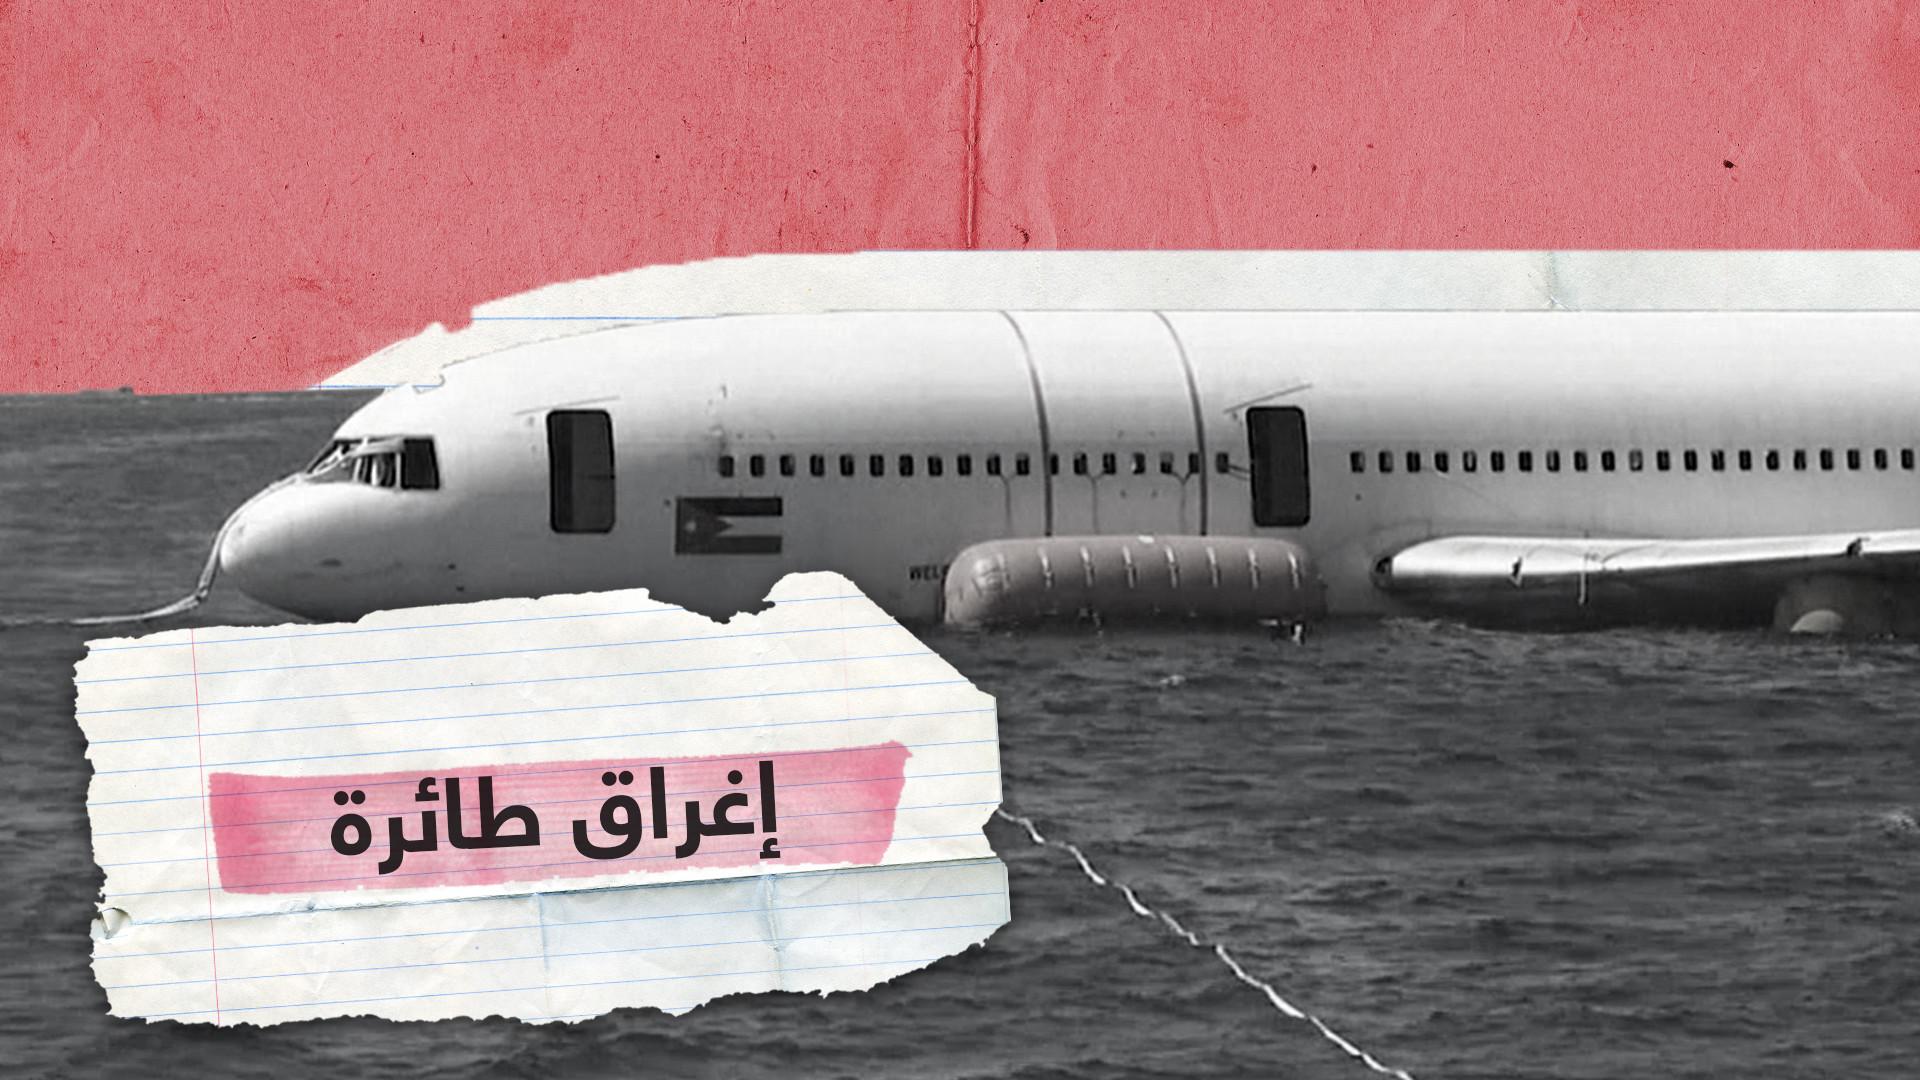 بعد 19 مركبة عسكرية.. الأردن يُغرق طائرة في خليج العقبة